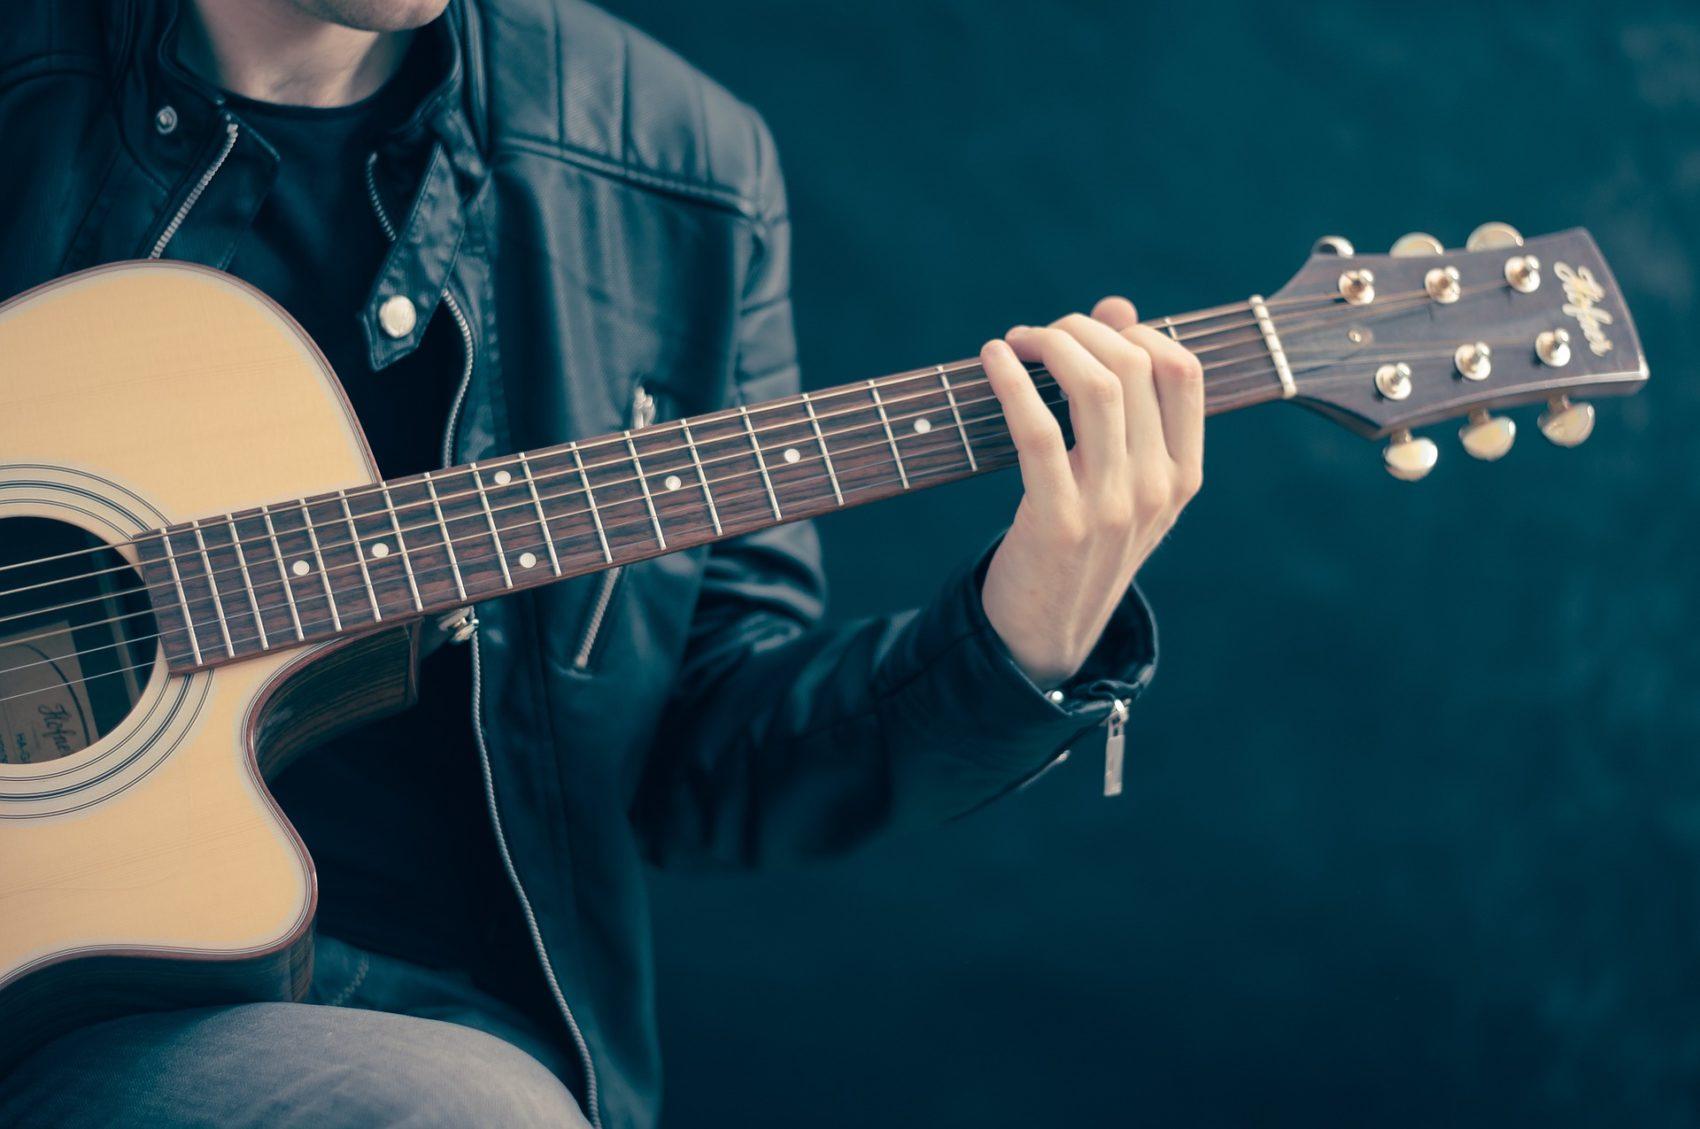 guitar-756326_1920 (1)